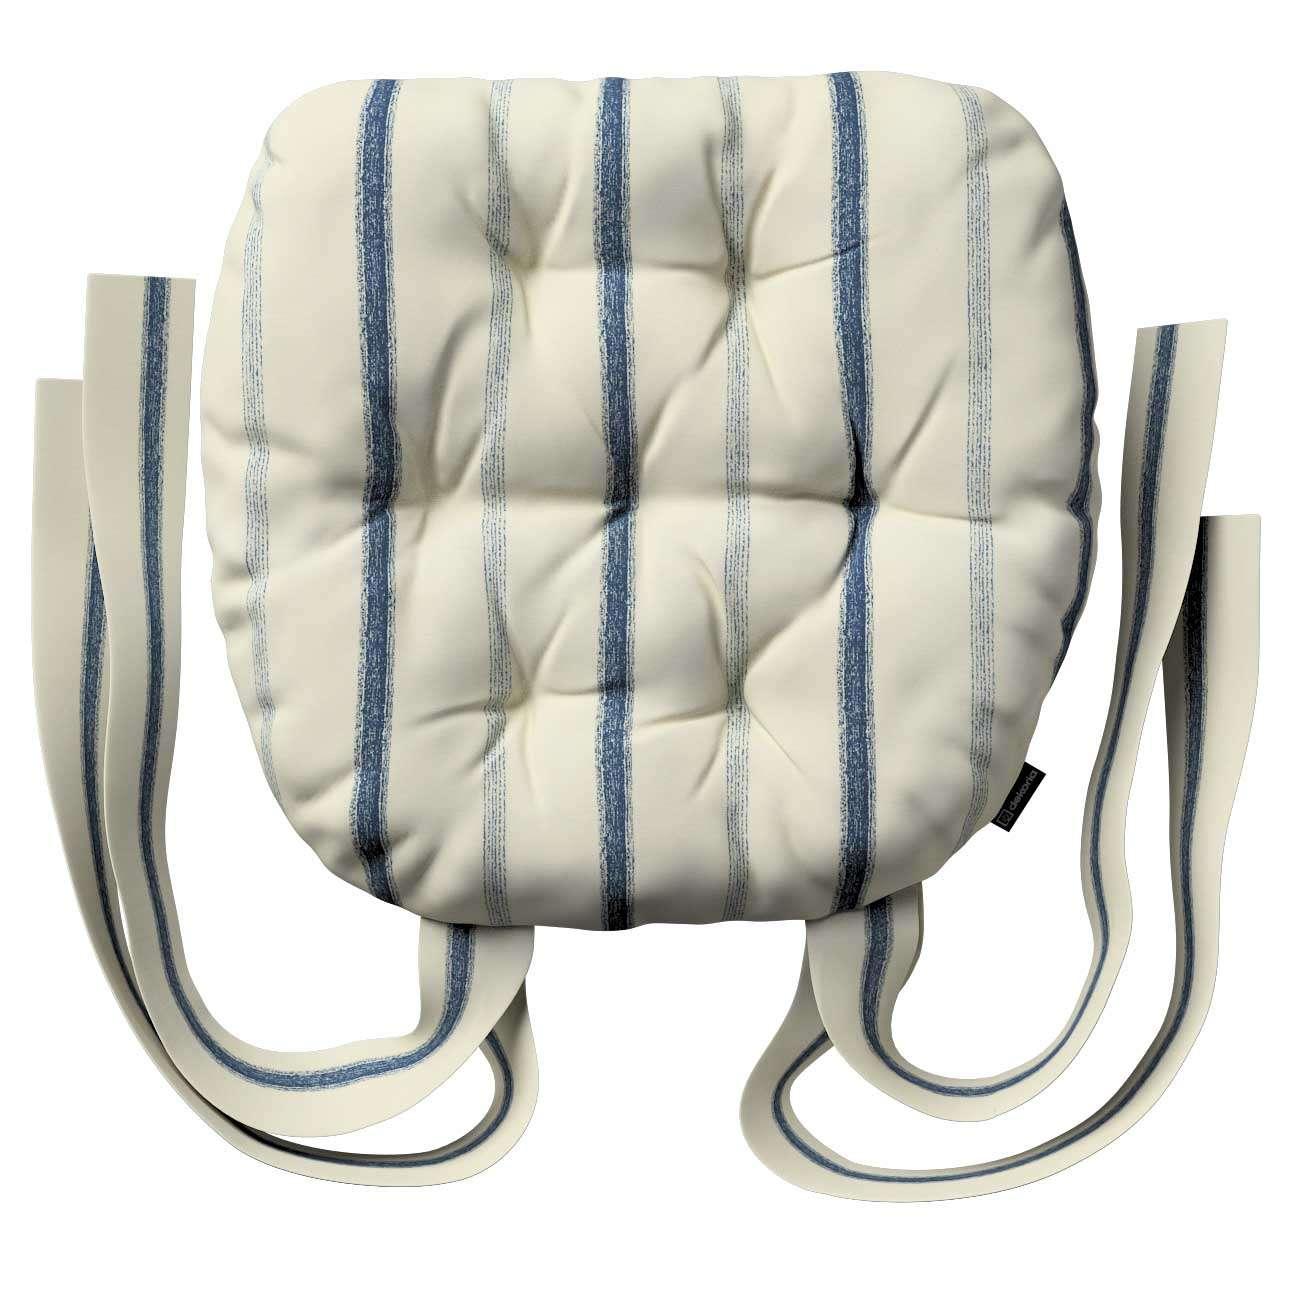 Kėdės pagalvėlė Marcin (apvaliais kraštais) 40 x 37 x 8 cm kolekcijoje Avinon, audinys: 129-66